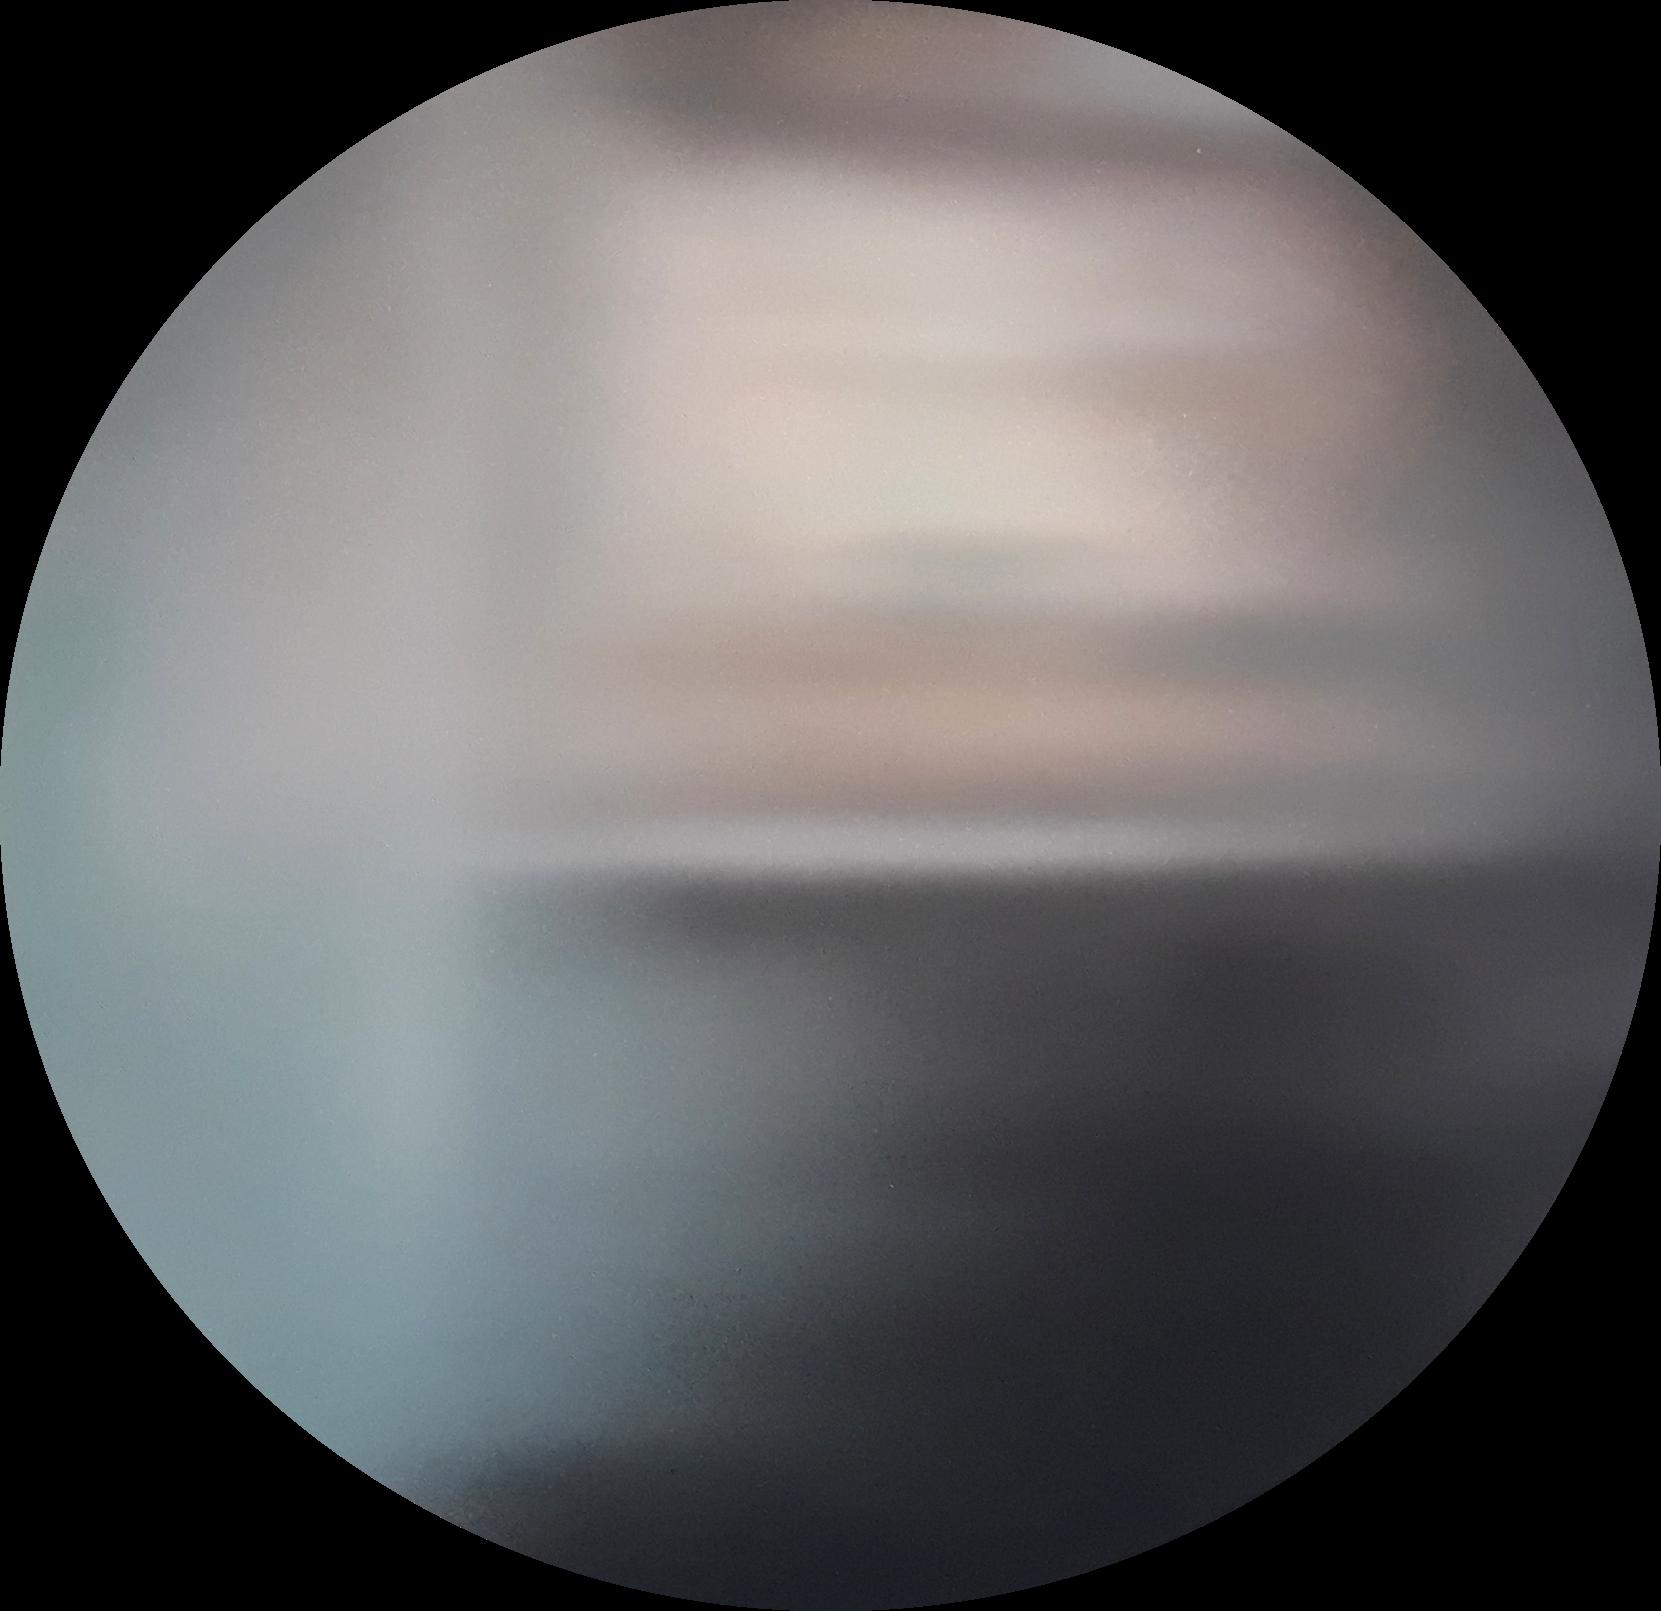 S.T (2019) - 120 x 120 cm - Acrílico sobre lienzo / Acrylic on canvas